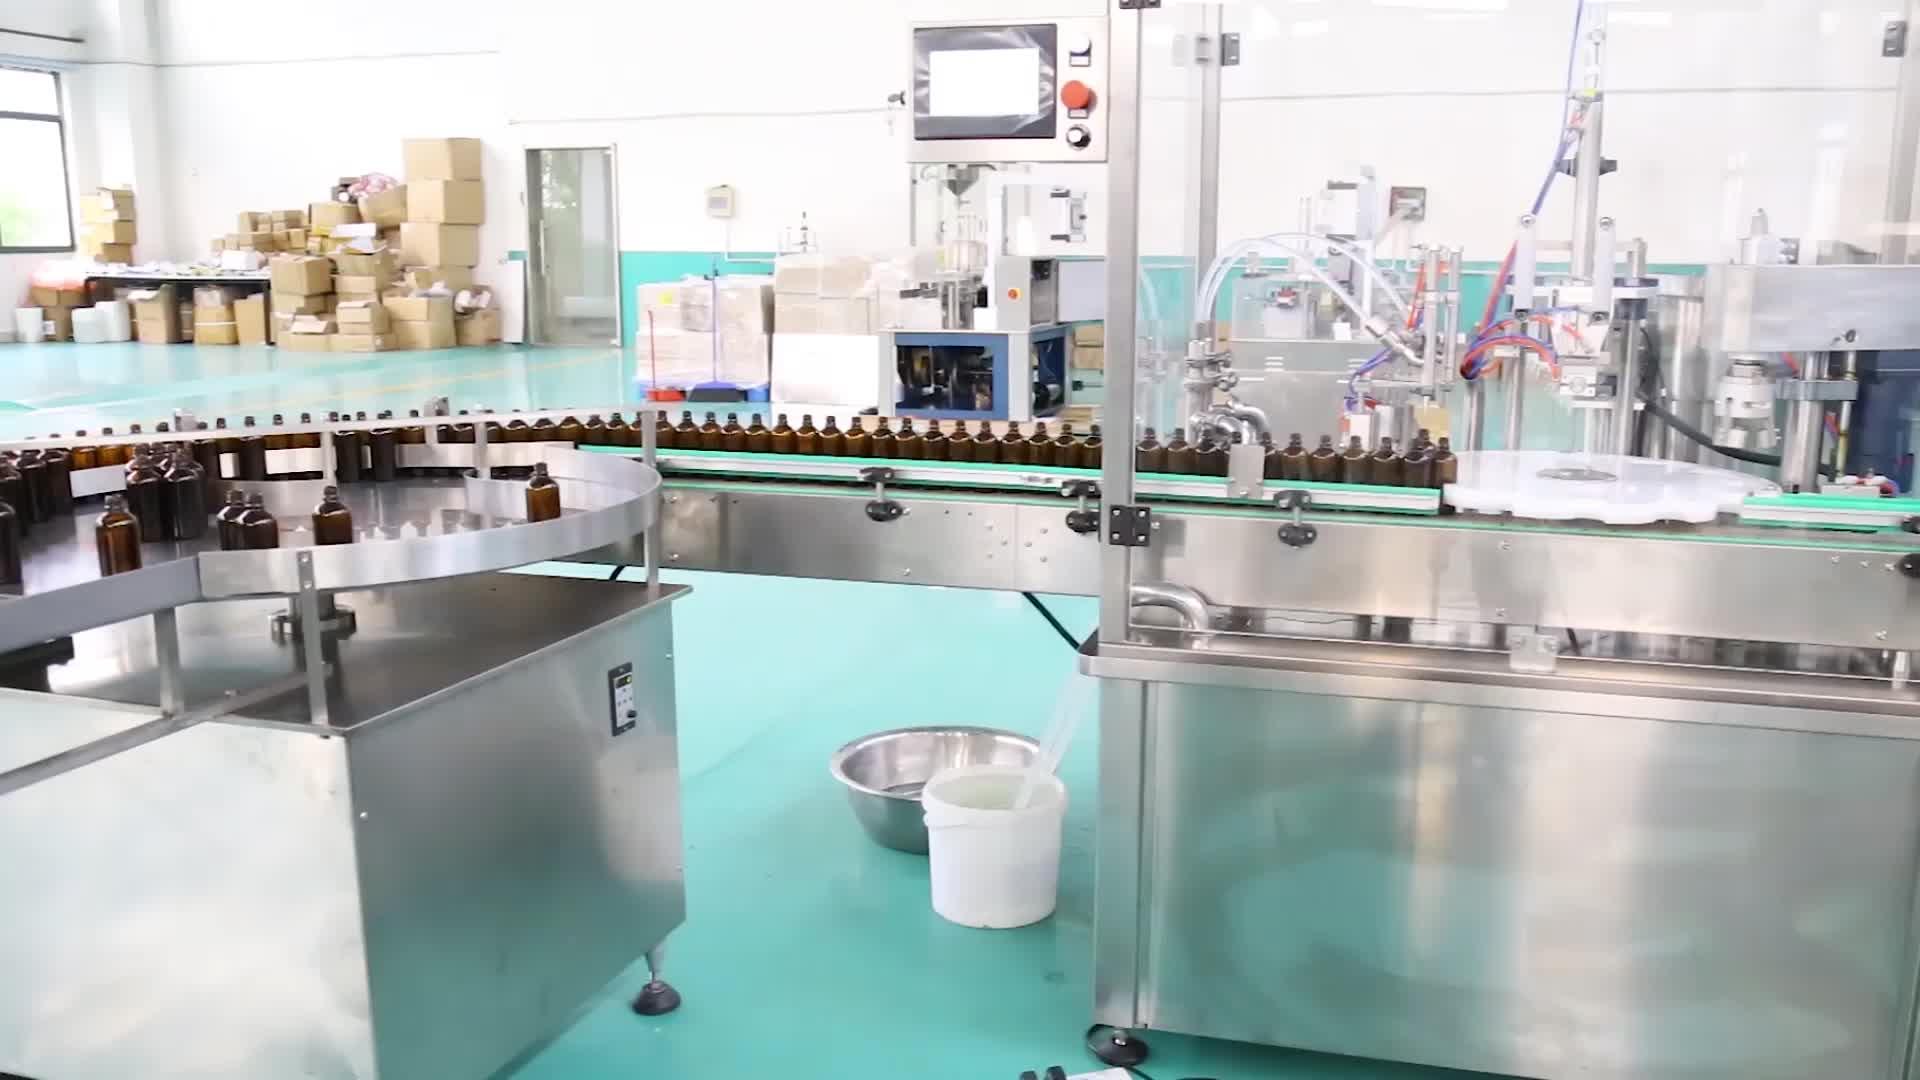 קוקוס שמן מילוי/ספריי מכונת מילוי/תמיסה סירופ צבע מילוי עלות מותאם אישית